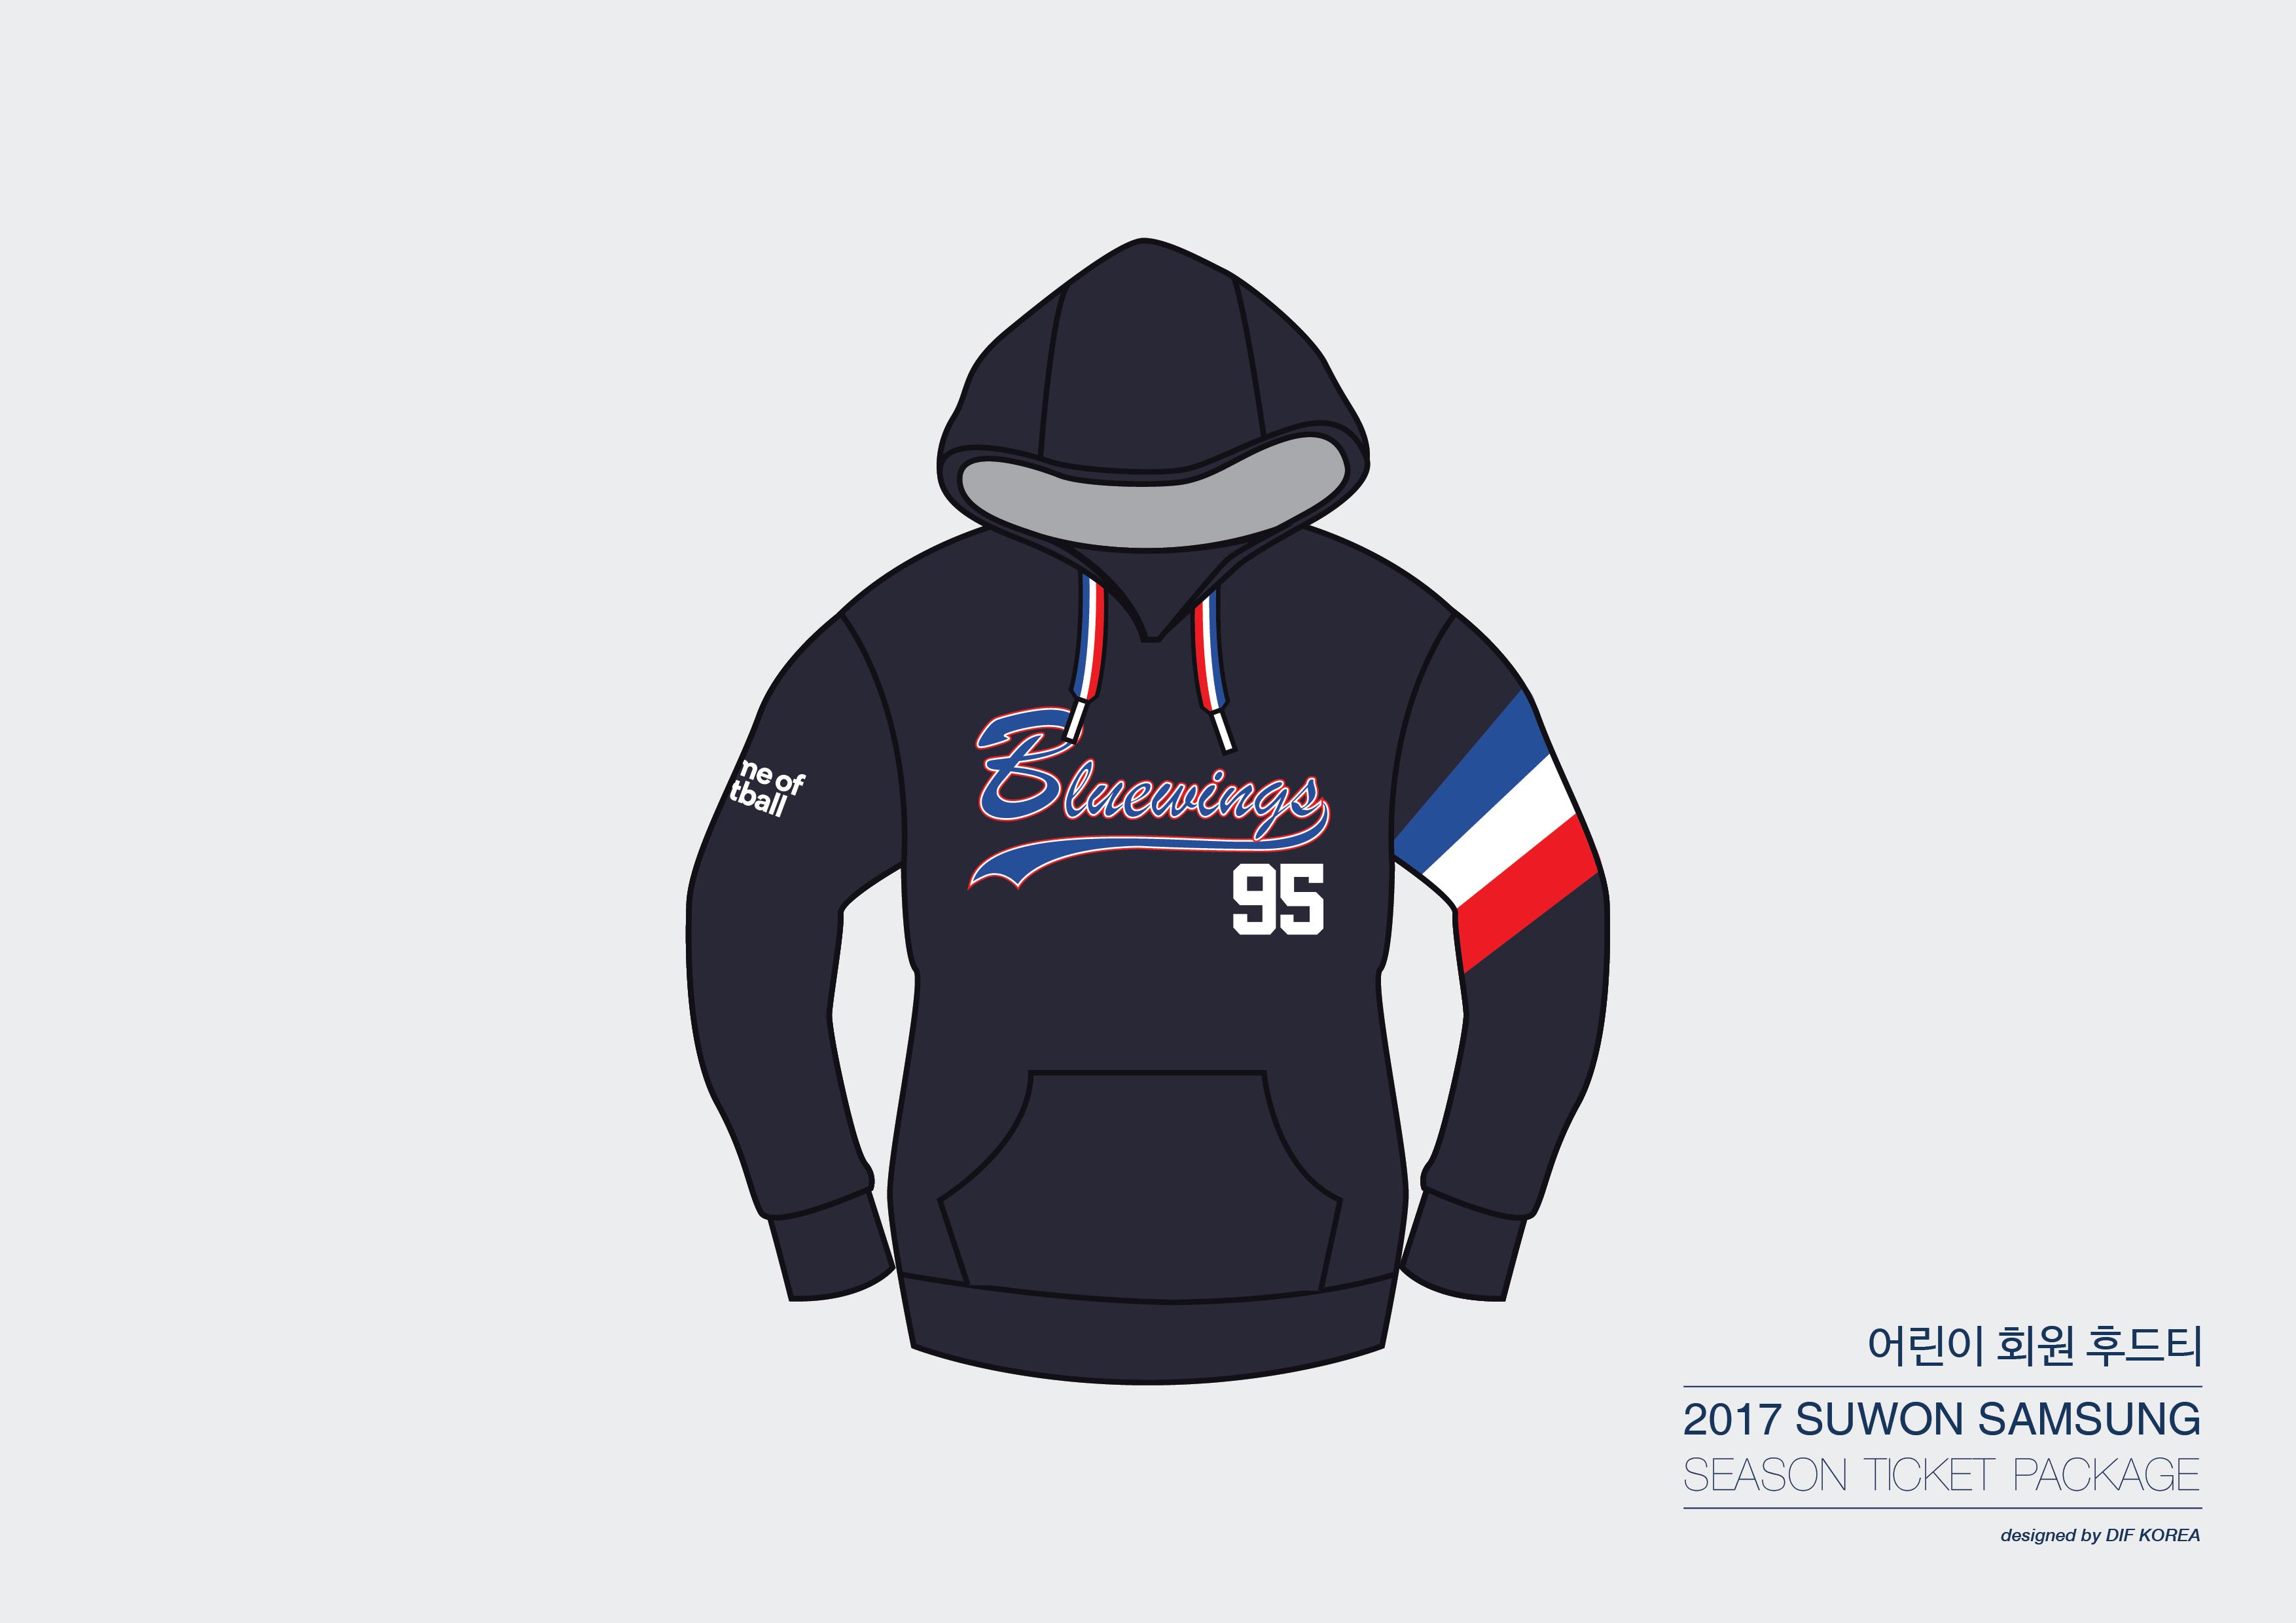 2017 수원삼성블루윙즈 시즌권 패키지-09.jpg